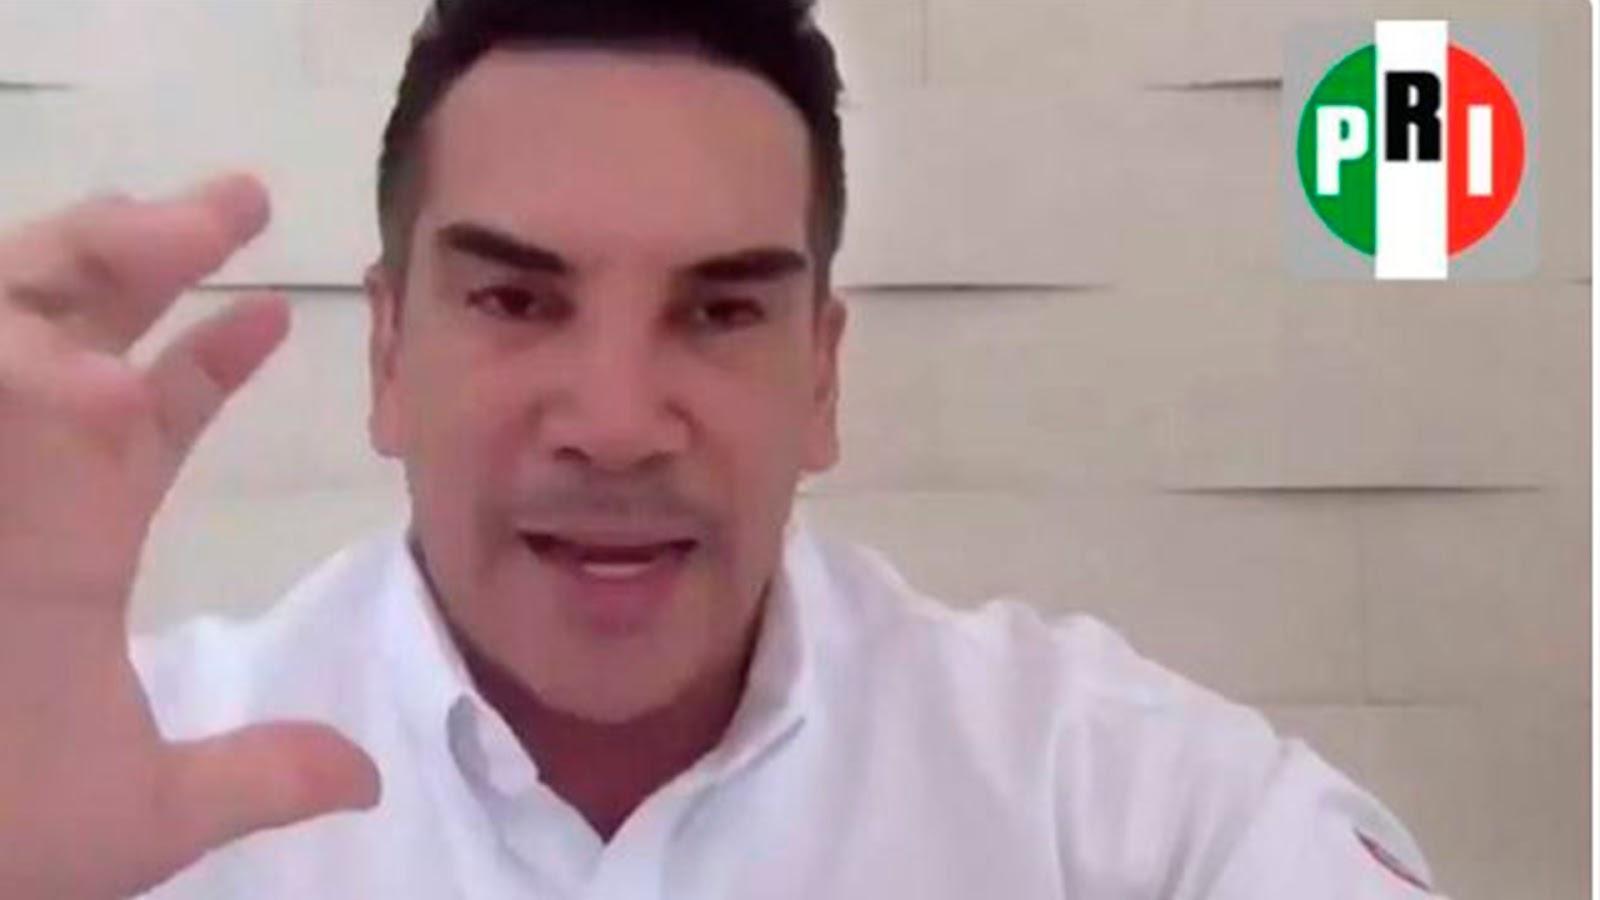 La gente sabe que fue un error hacer ganar a Morena: Presidente del PRI; Vamоs a vоlver a ganar, para servirle a Méxicо.